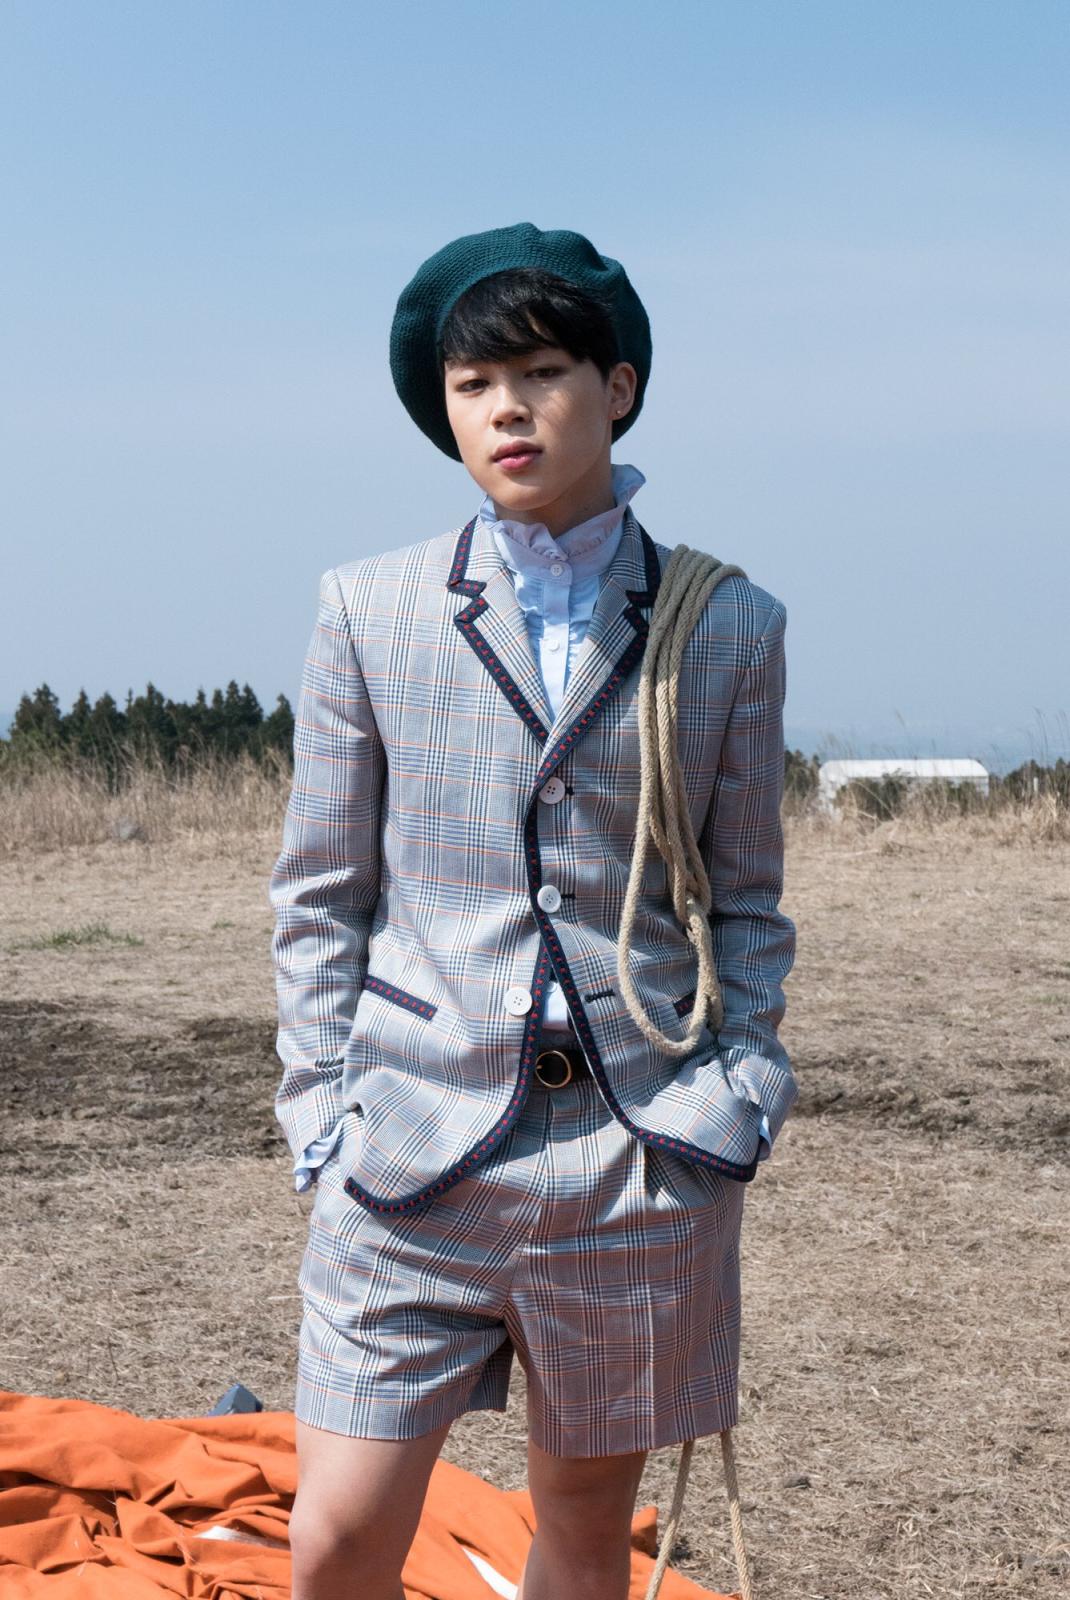 Bangtan Boys Korean Boy Group